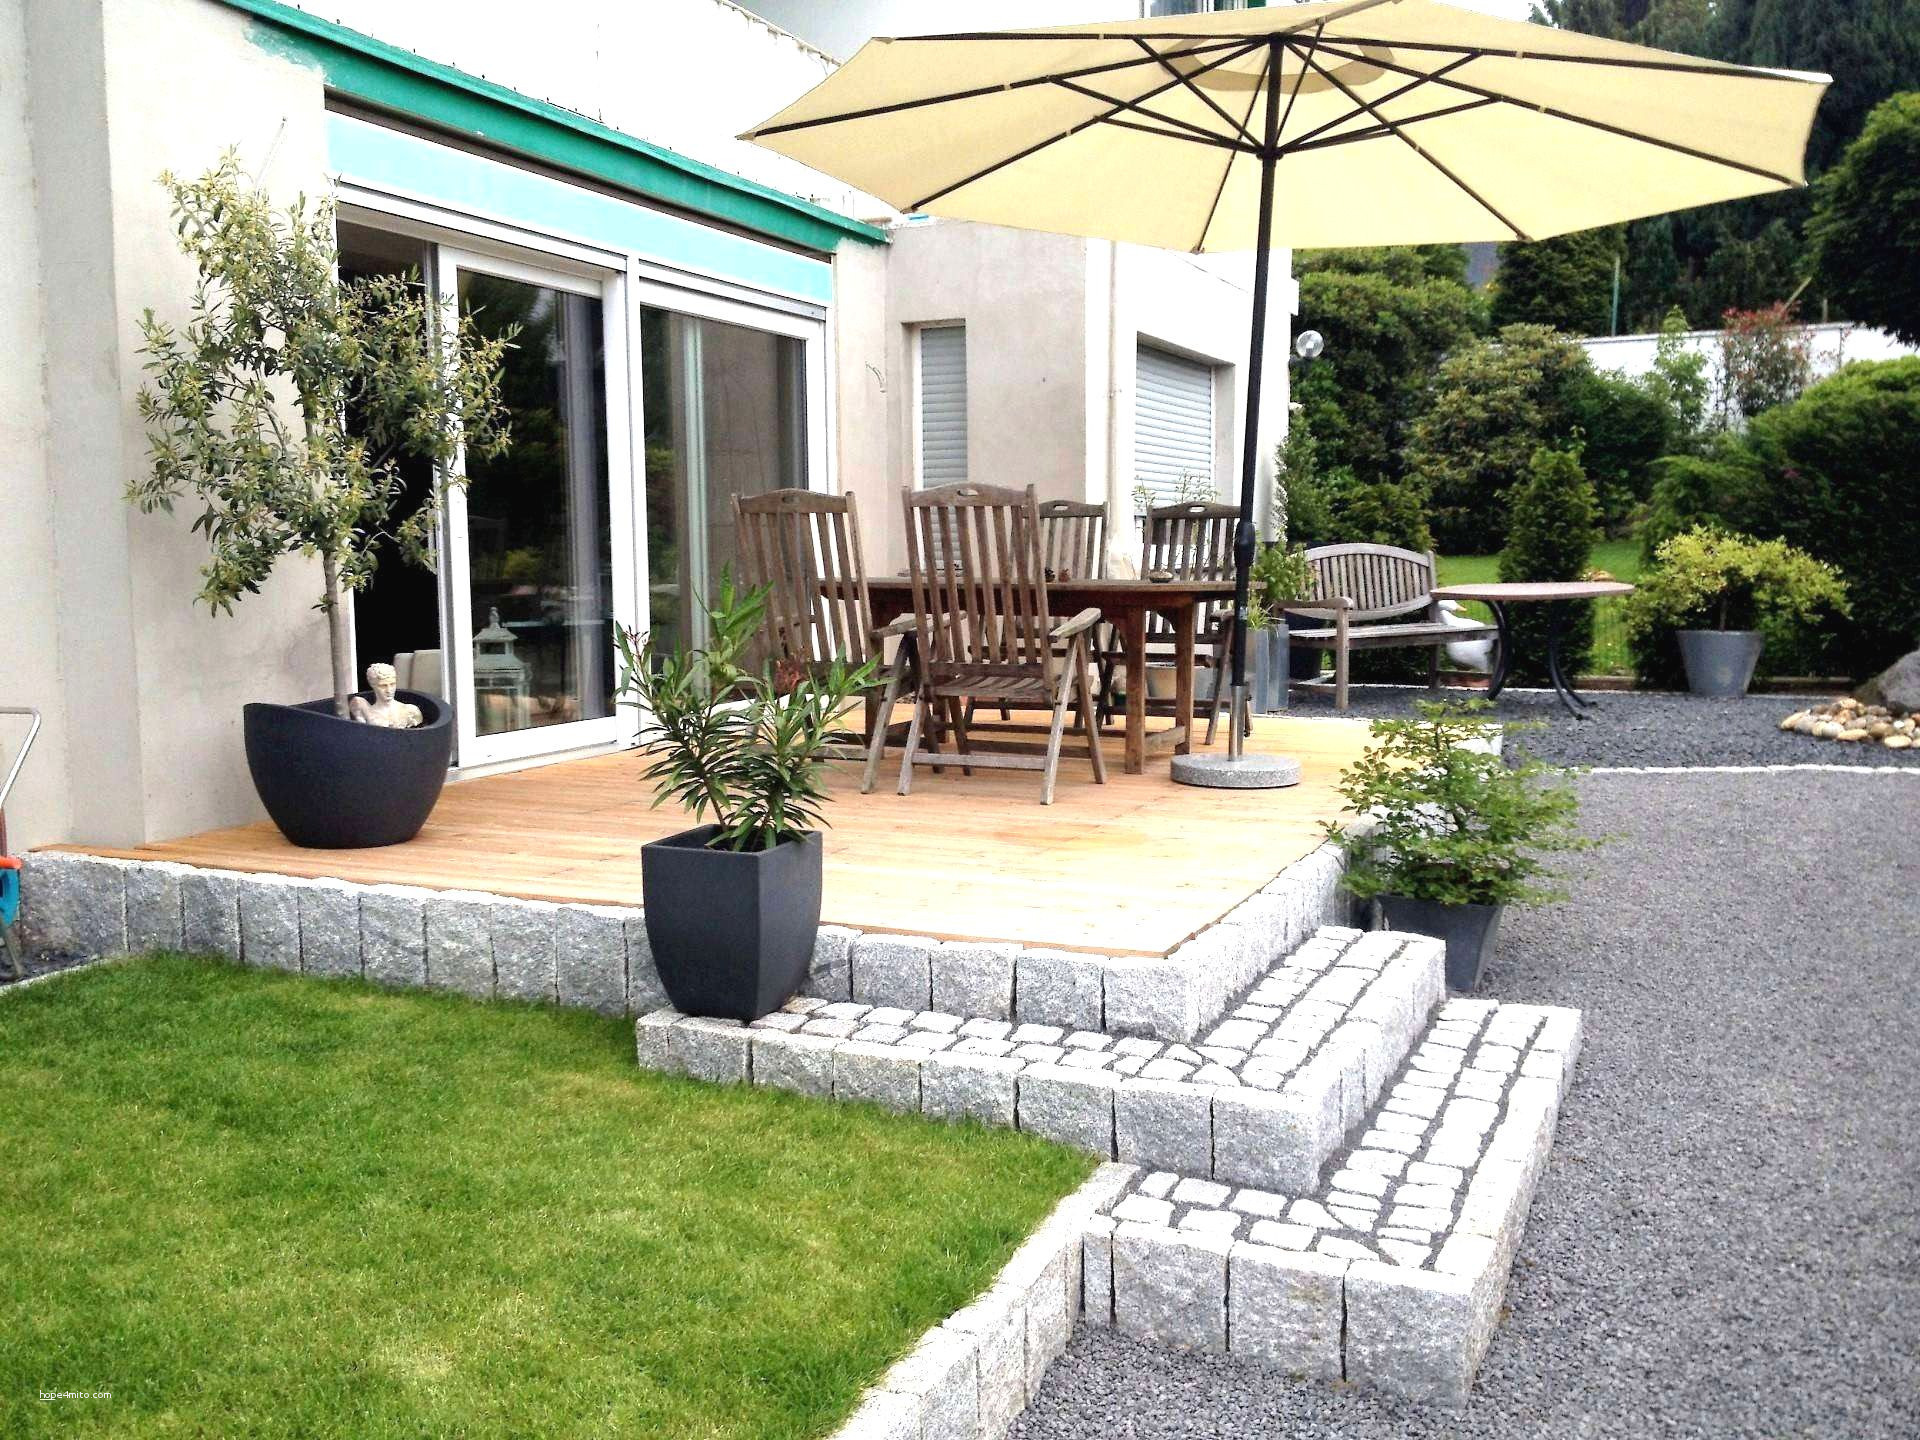 Garten Terrasse Gestalten Ideen Einzigartig 23 Einzigartig Ideen Für Garten Gestalten